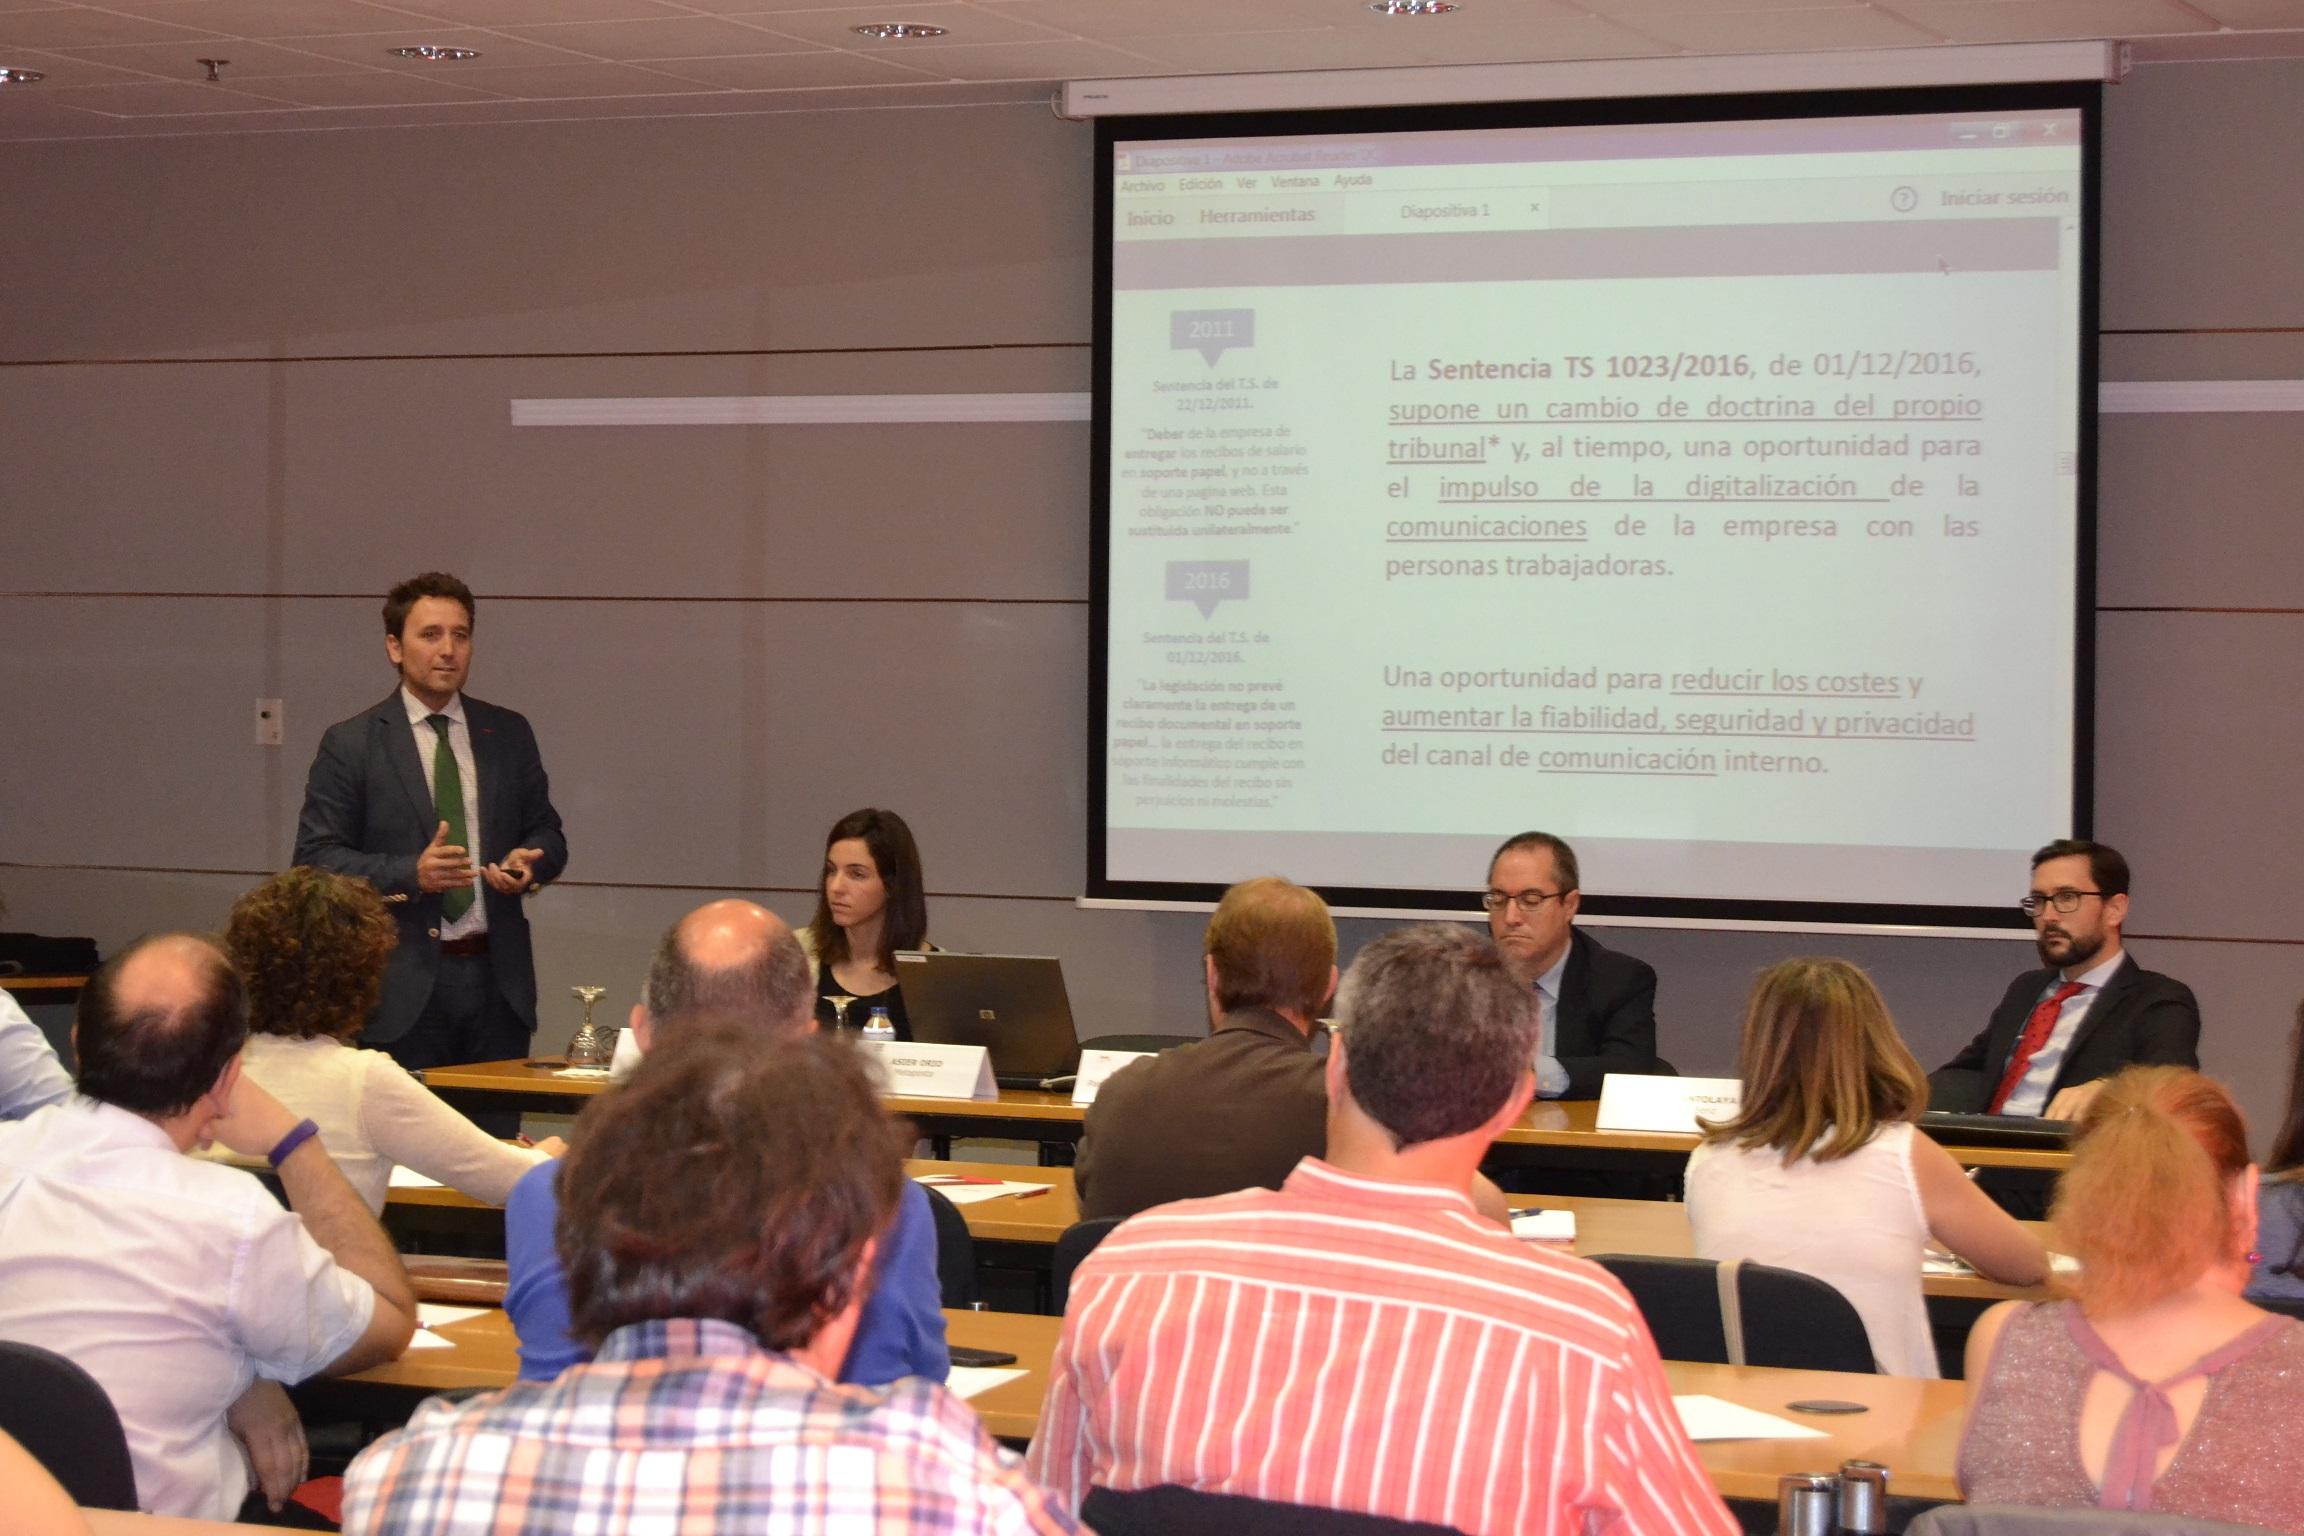 jornada de Comunicación Interna y Contratación Electrónica para la Transformación digital del área de RRHH